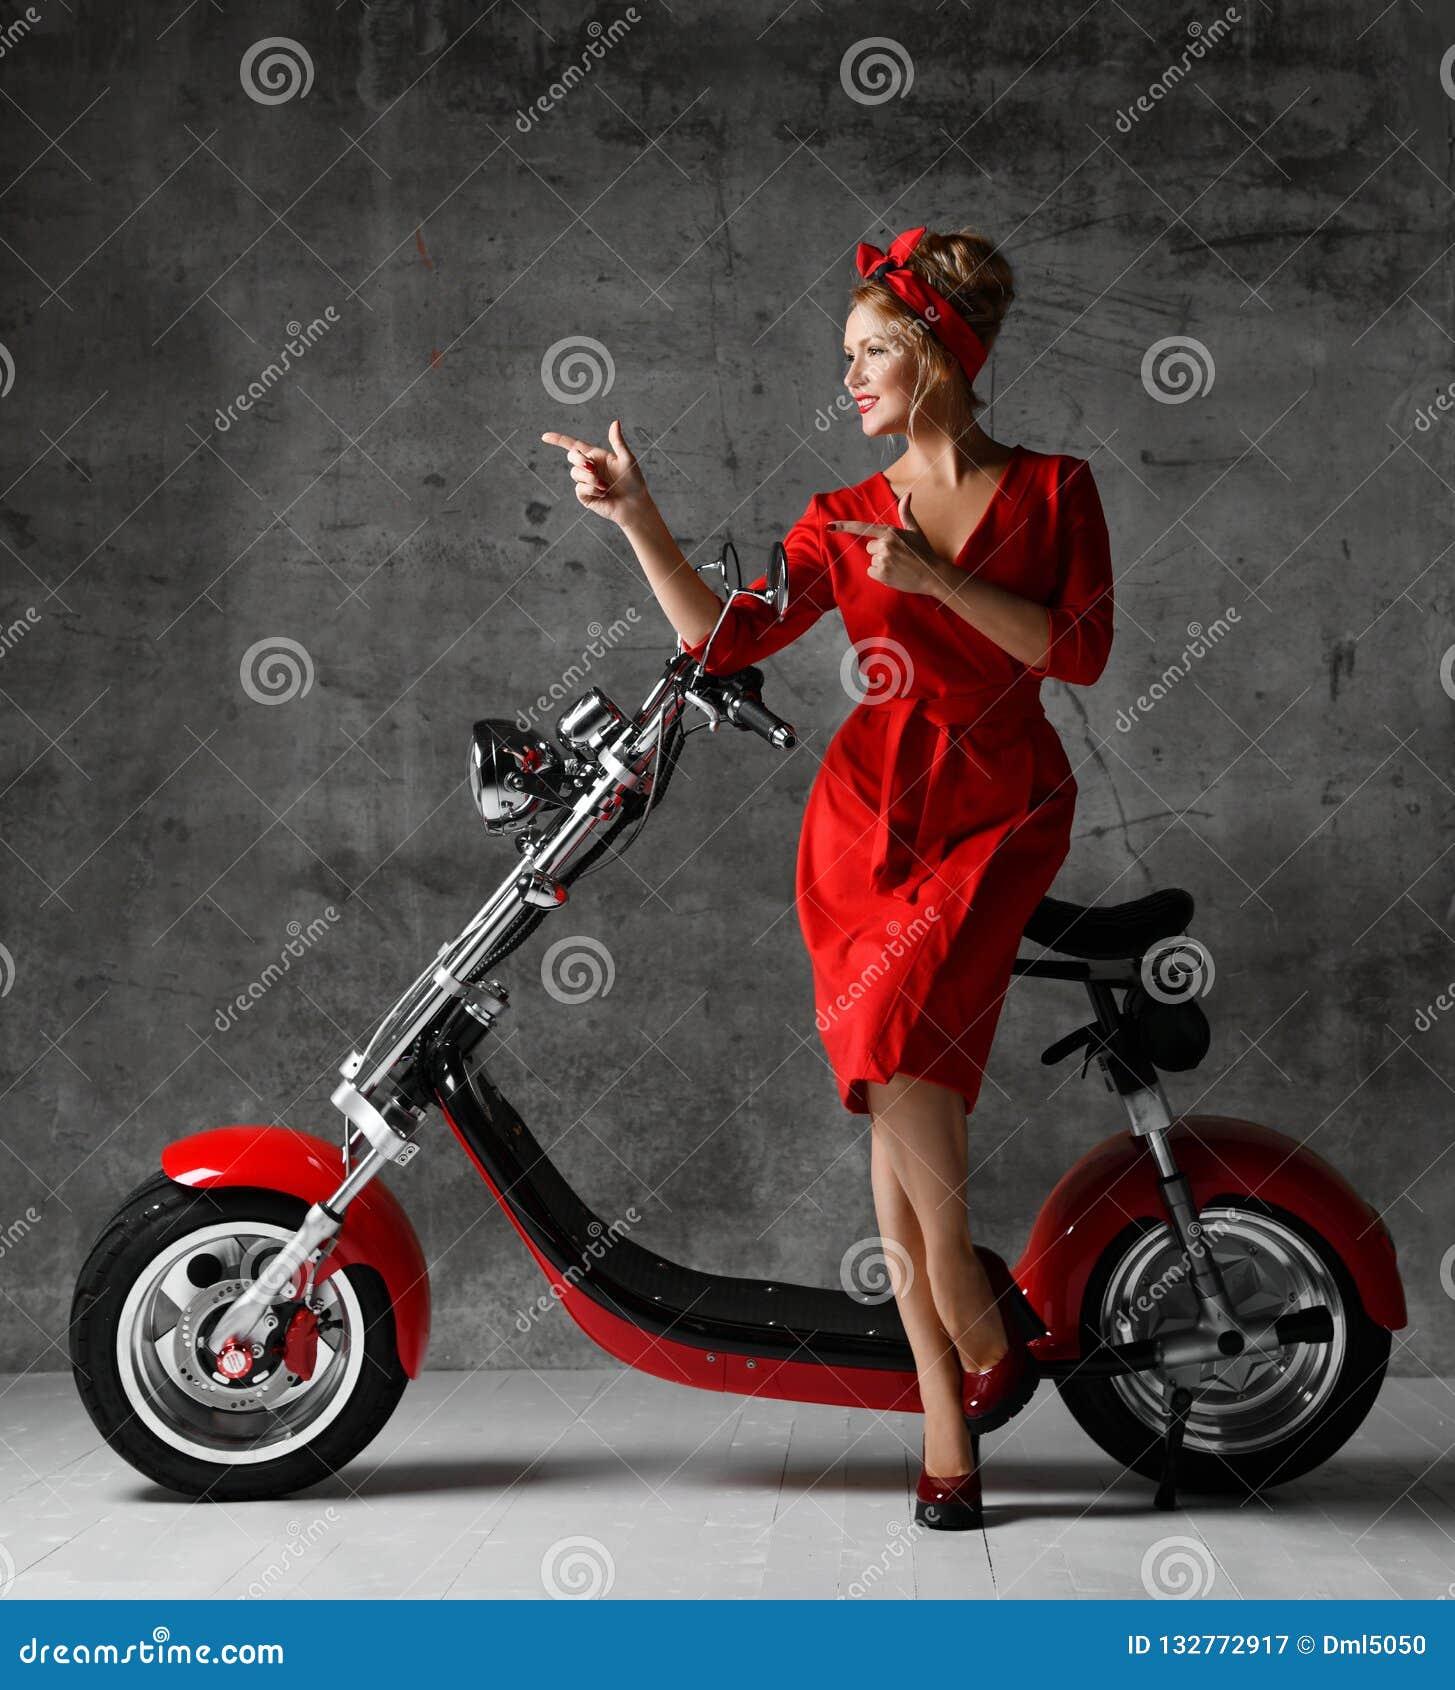 妇女乘驾坐指向手指的摩托车自行车滑行车画报减速火箭的样式笑微笑的红色礼服